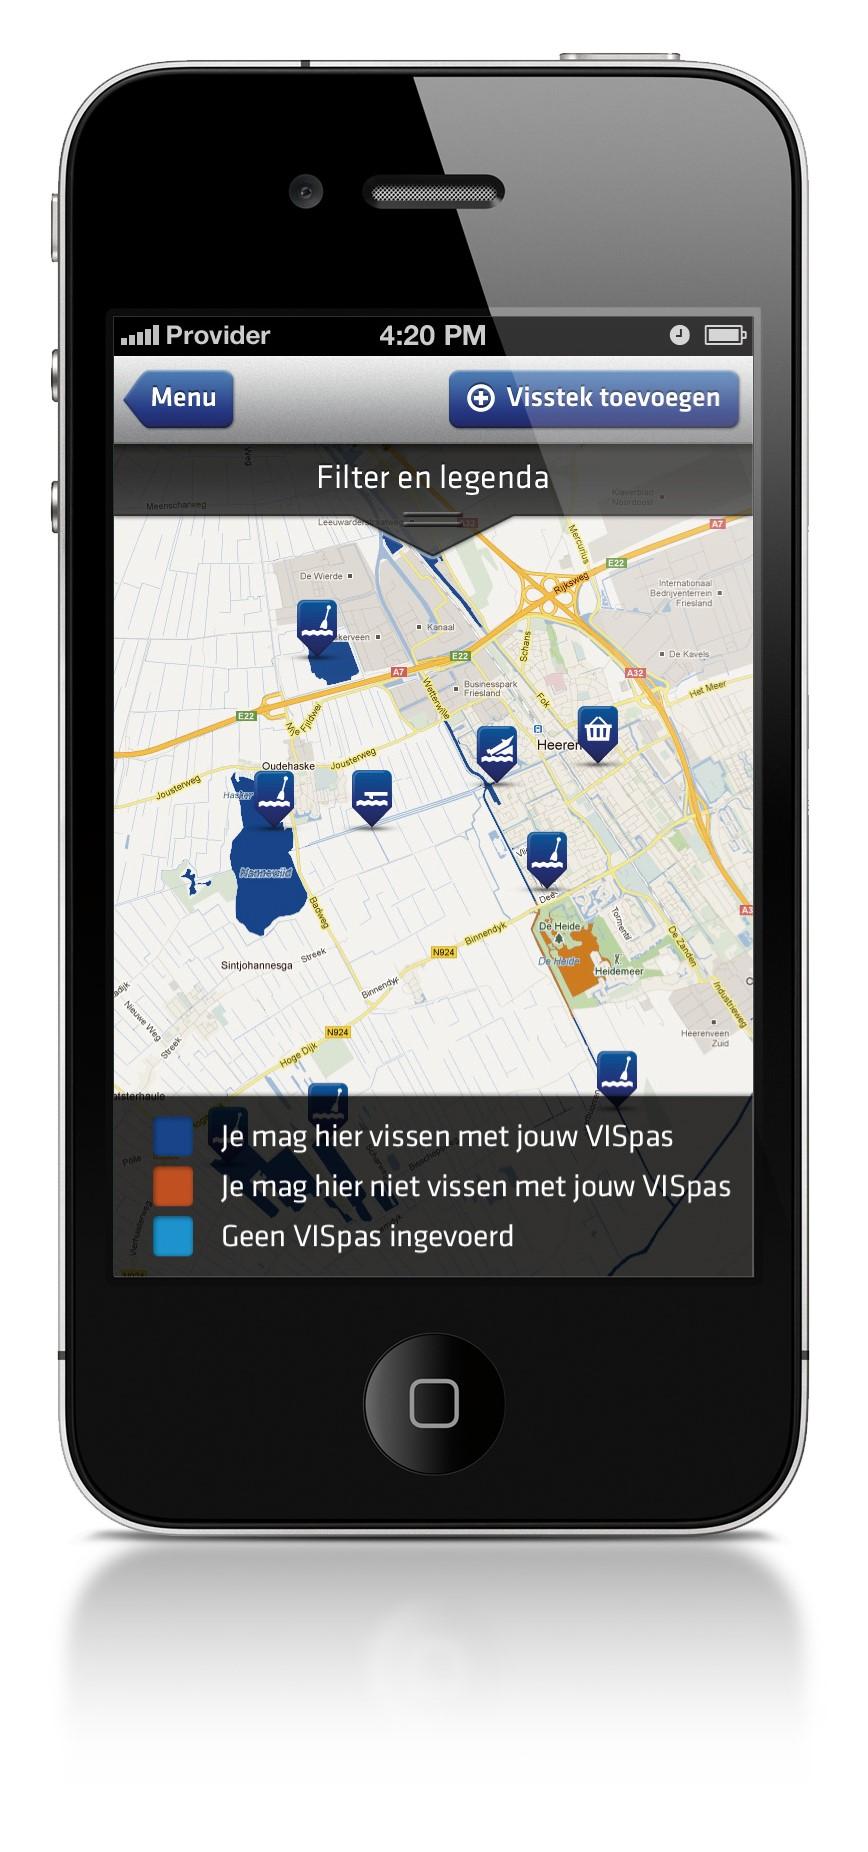 app daten Hollands Kroon